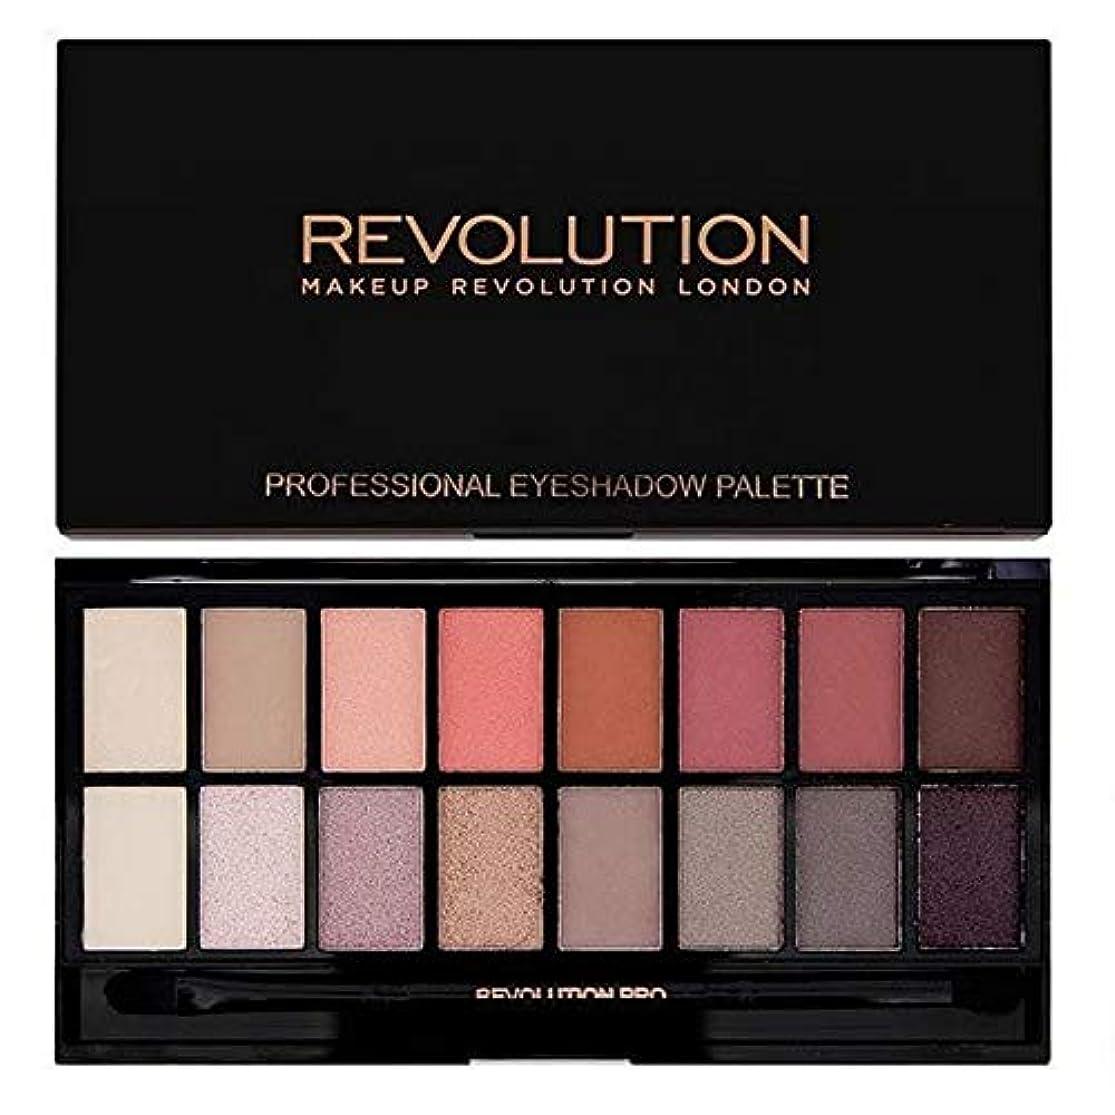 銅多様な悪意のある[Revolution ] 中性アイシャドウパレット対革命新Trals - Revolution New-trals vs Neutrals Eye Shadow Palette [並行輸入品]